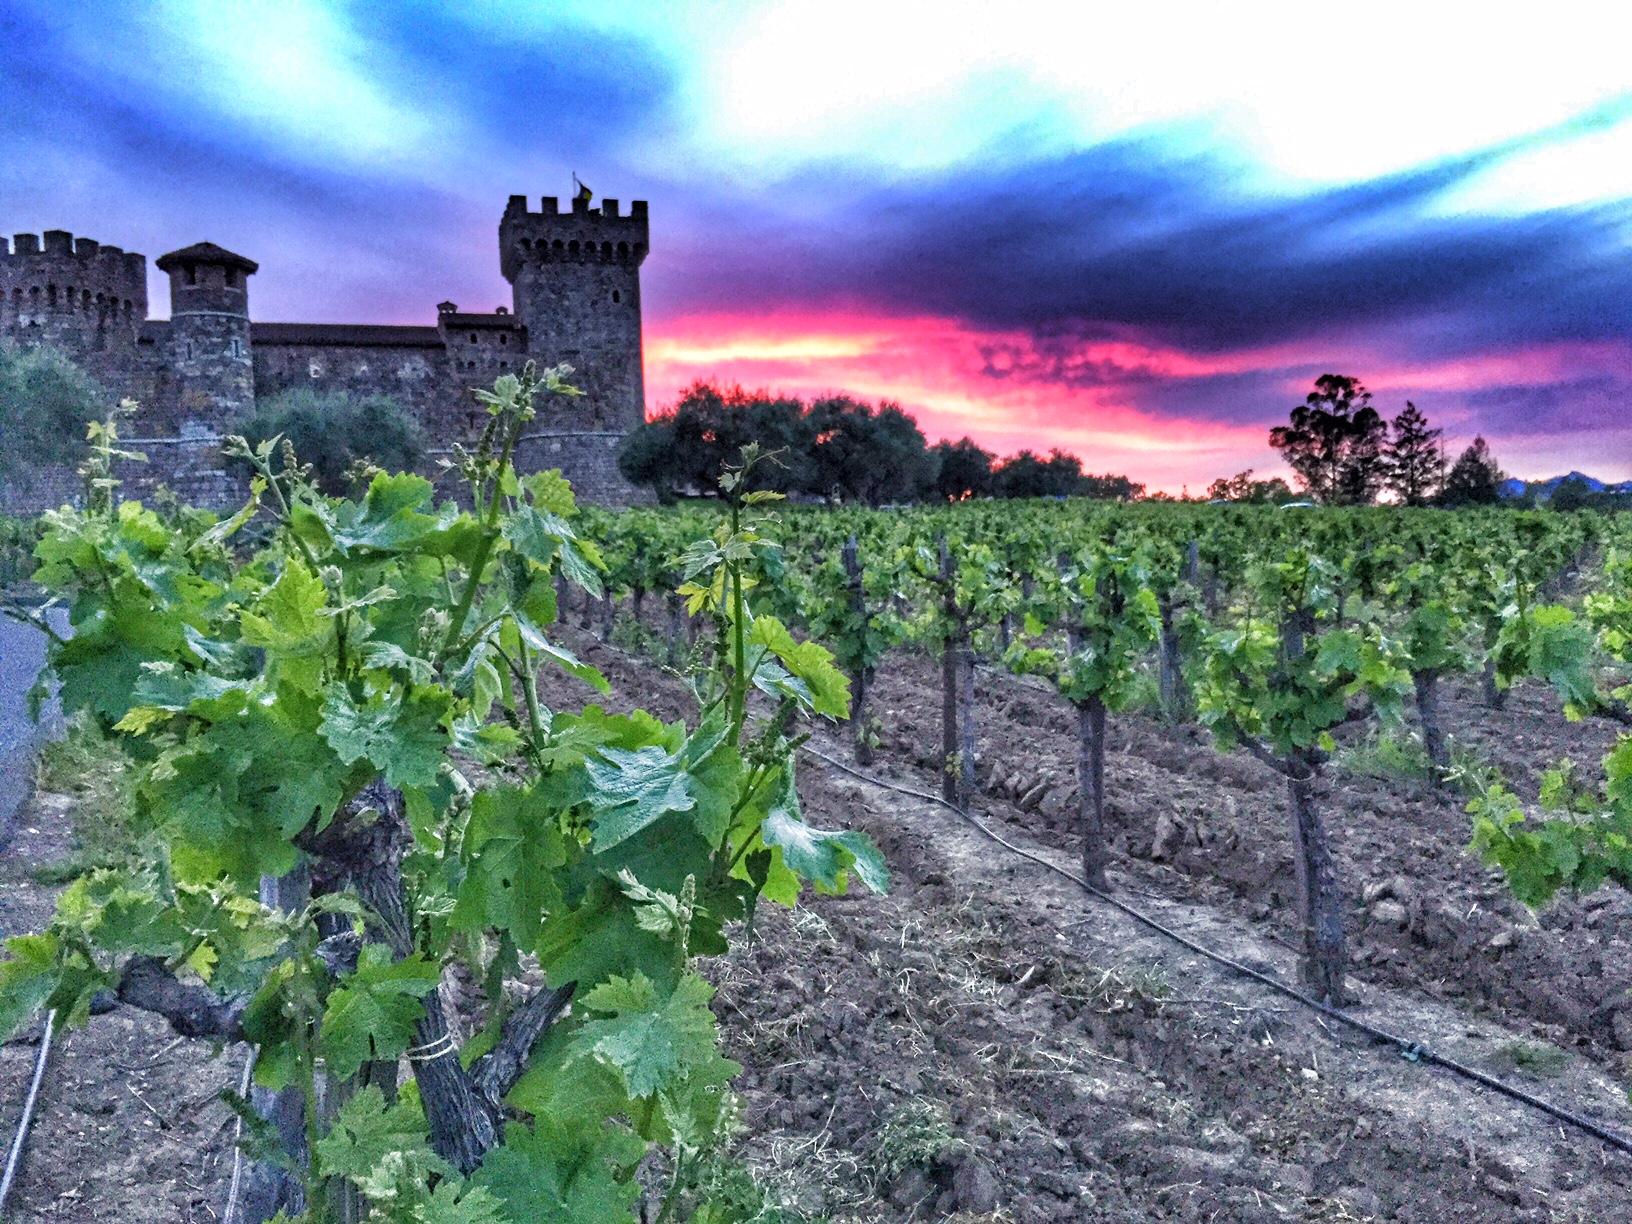 Castillo di Amorosa, the-alyst.com